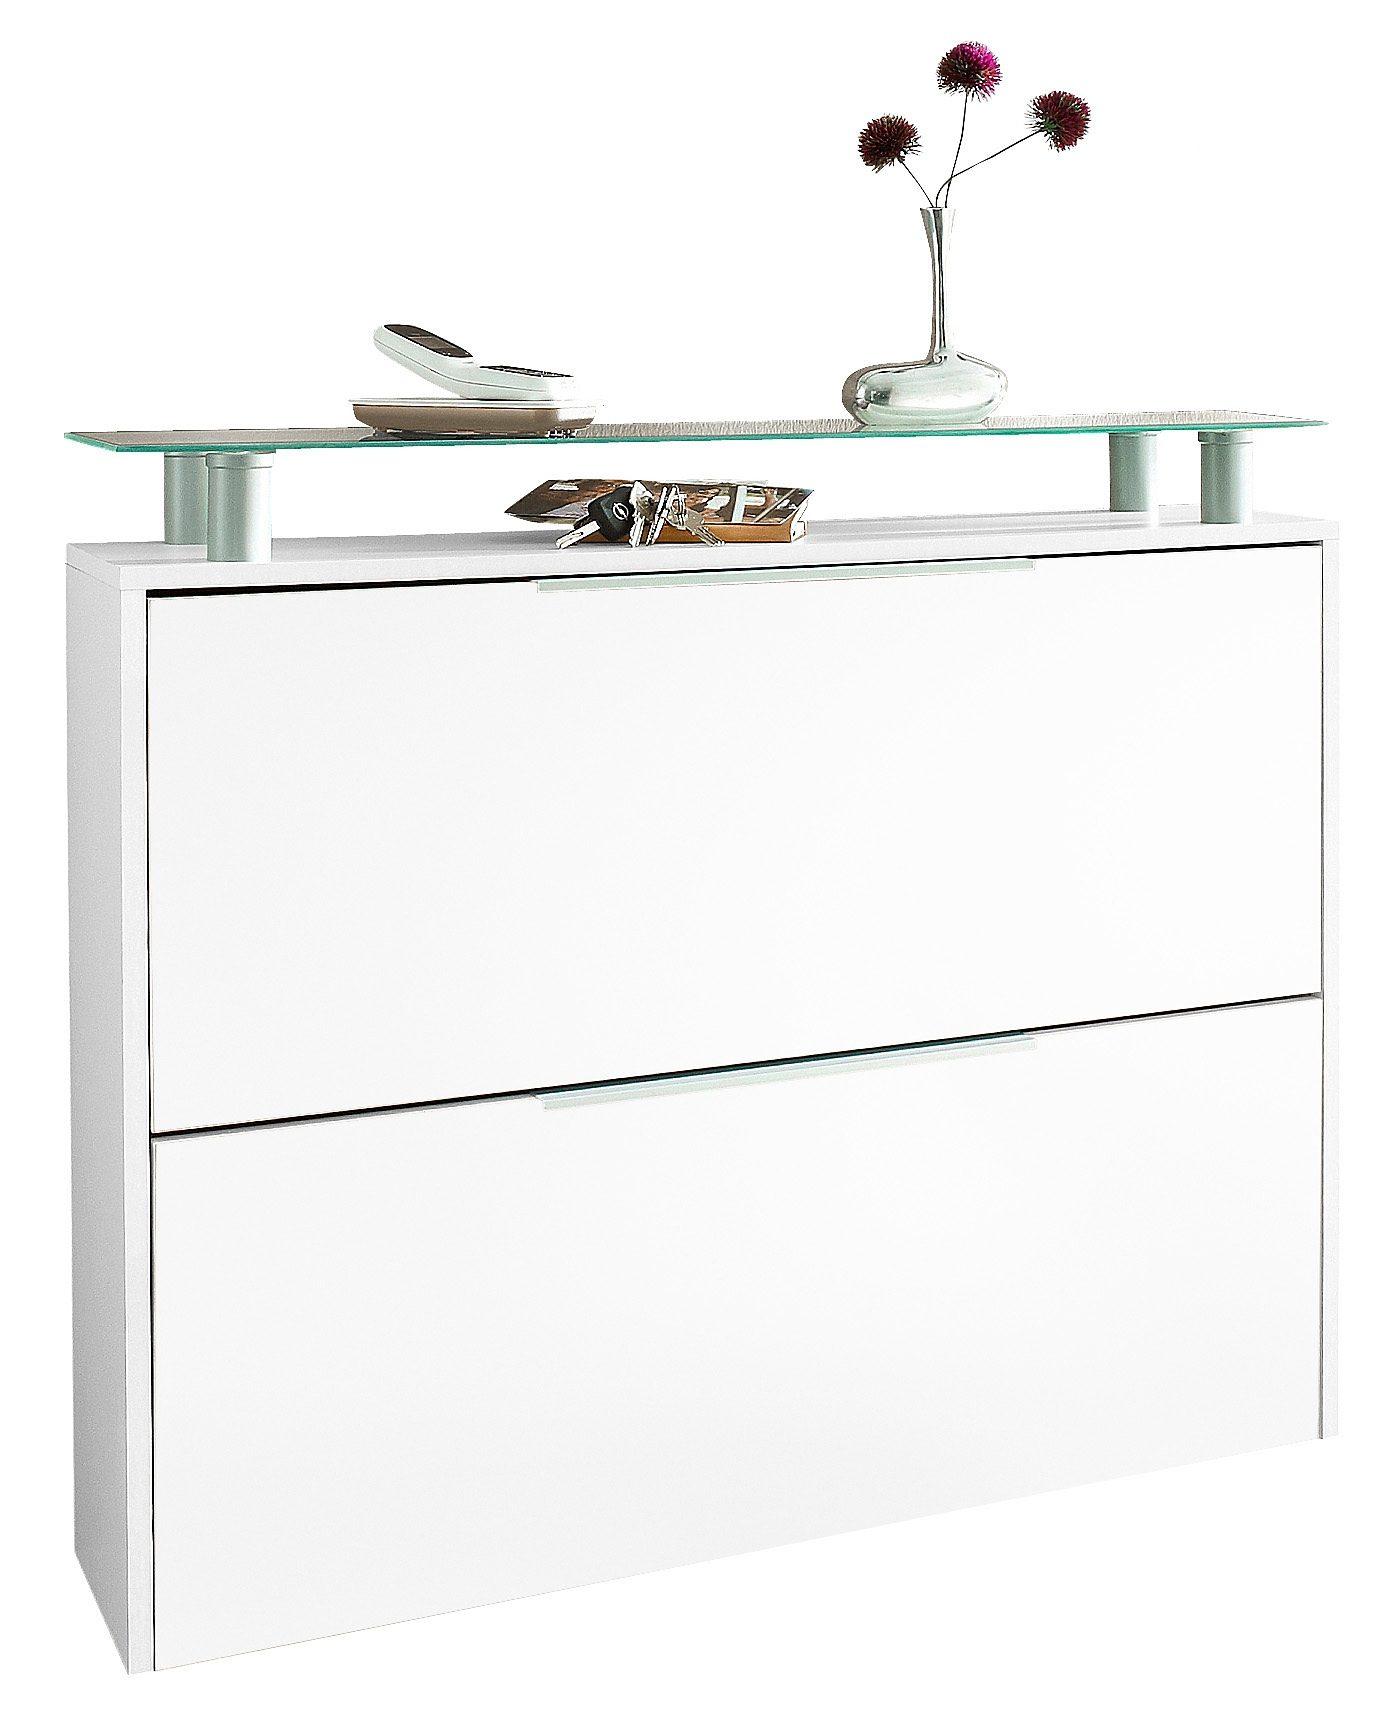 borchardt Möbel Schuhschrank »Rena« günstig online kaufen